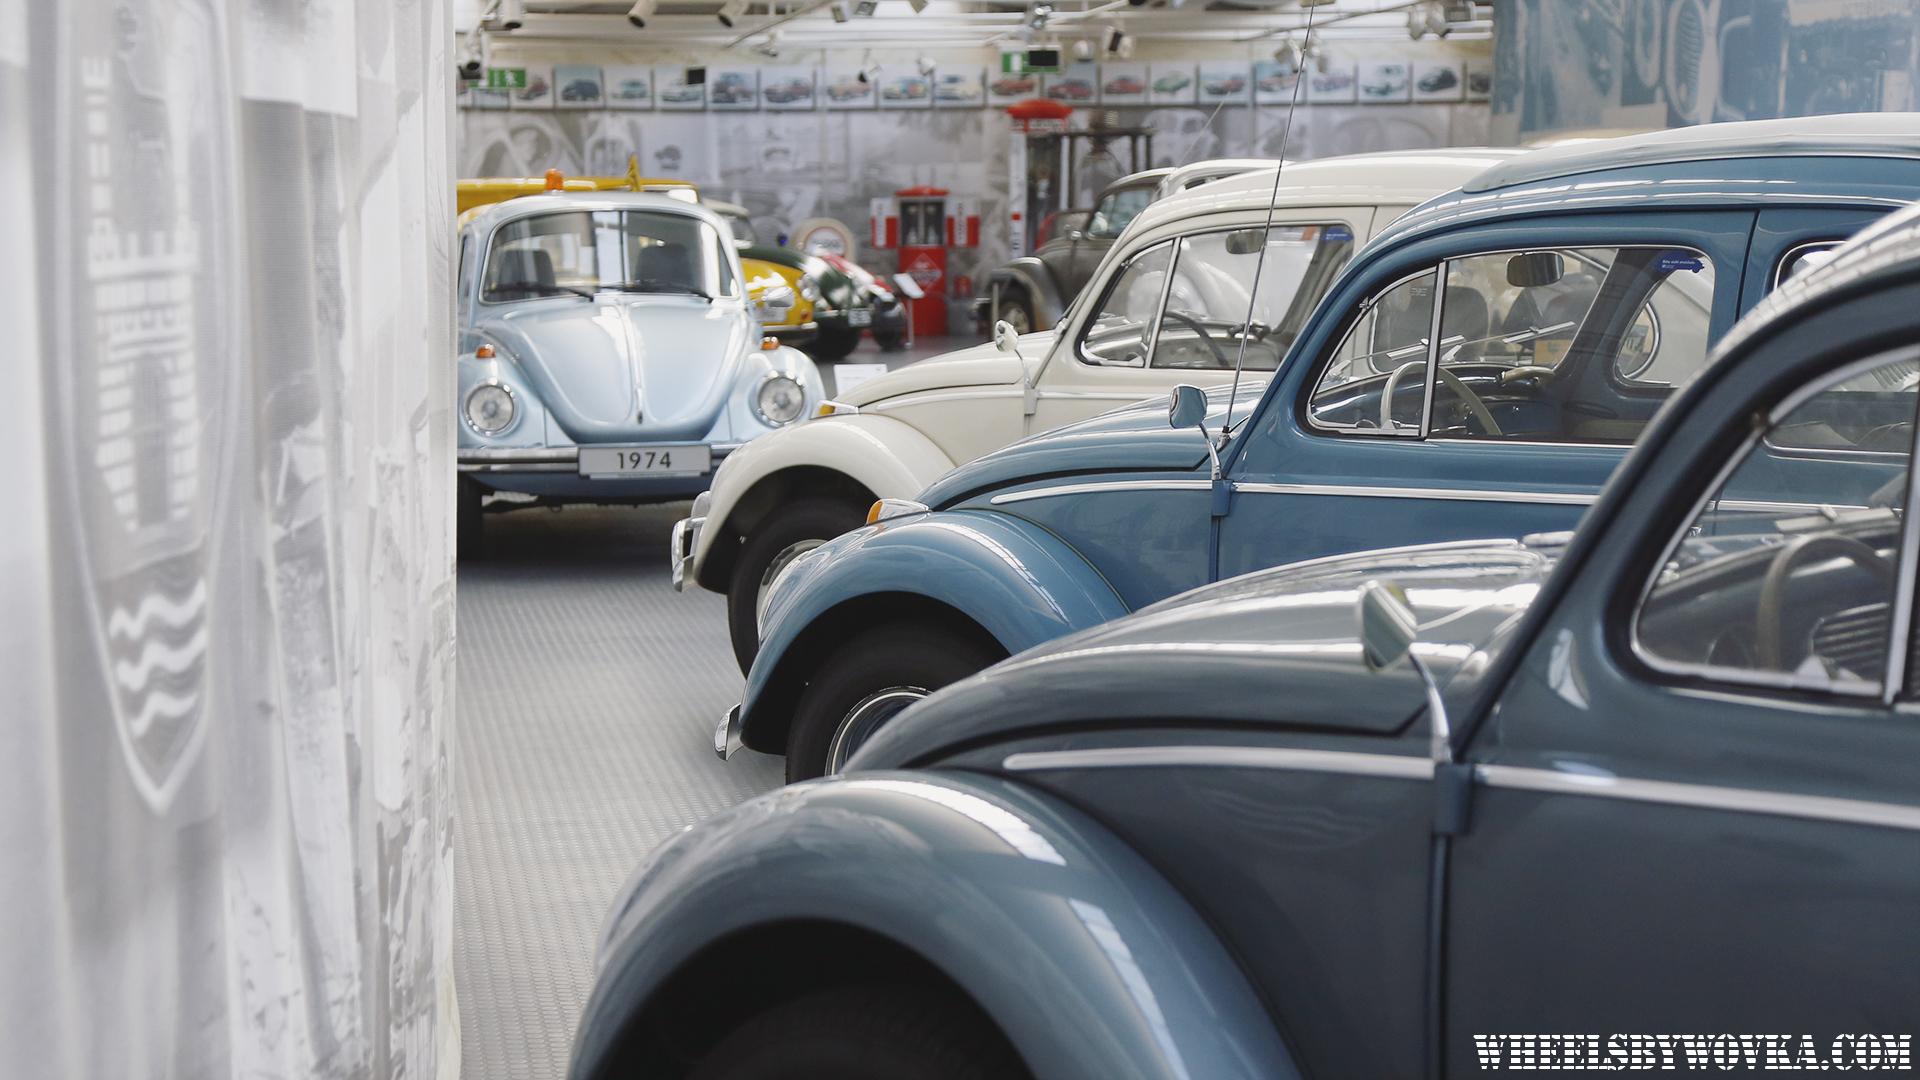 volkswagen-vw-museum-wolfsbourg-tour-by-wheelsbywovka-2